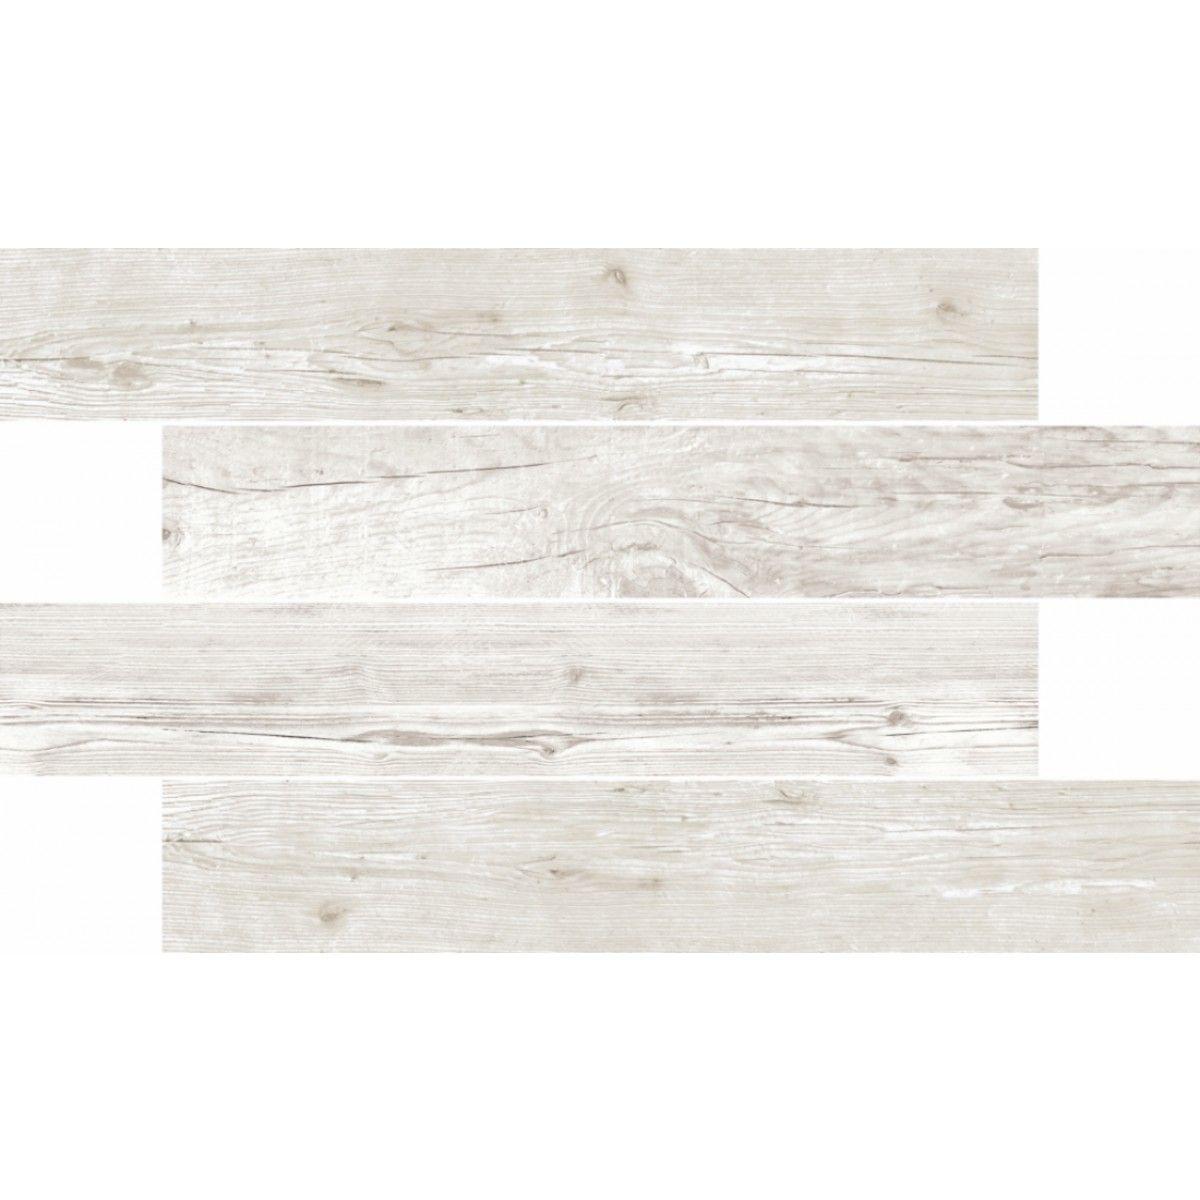 Woodgrain effect white oak sequoia limed oak white 3337 per m woodgrain effect white oak sequoia limed oak white per m per tile inc vat doublecrazyfo Images